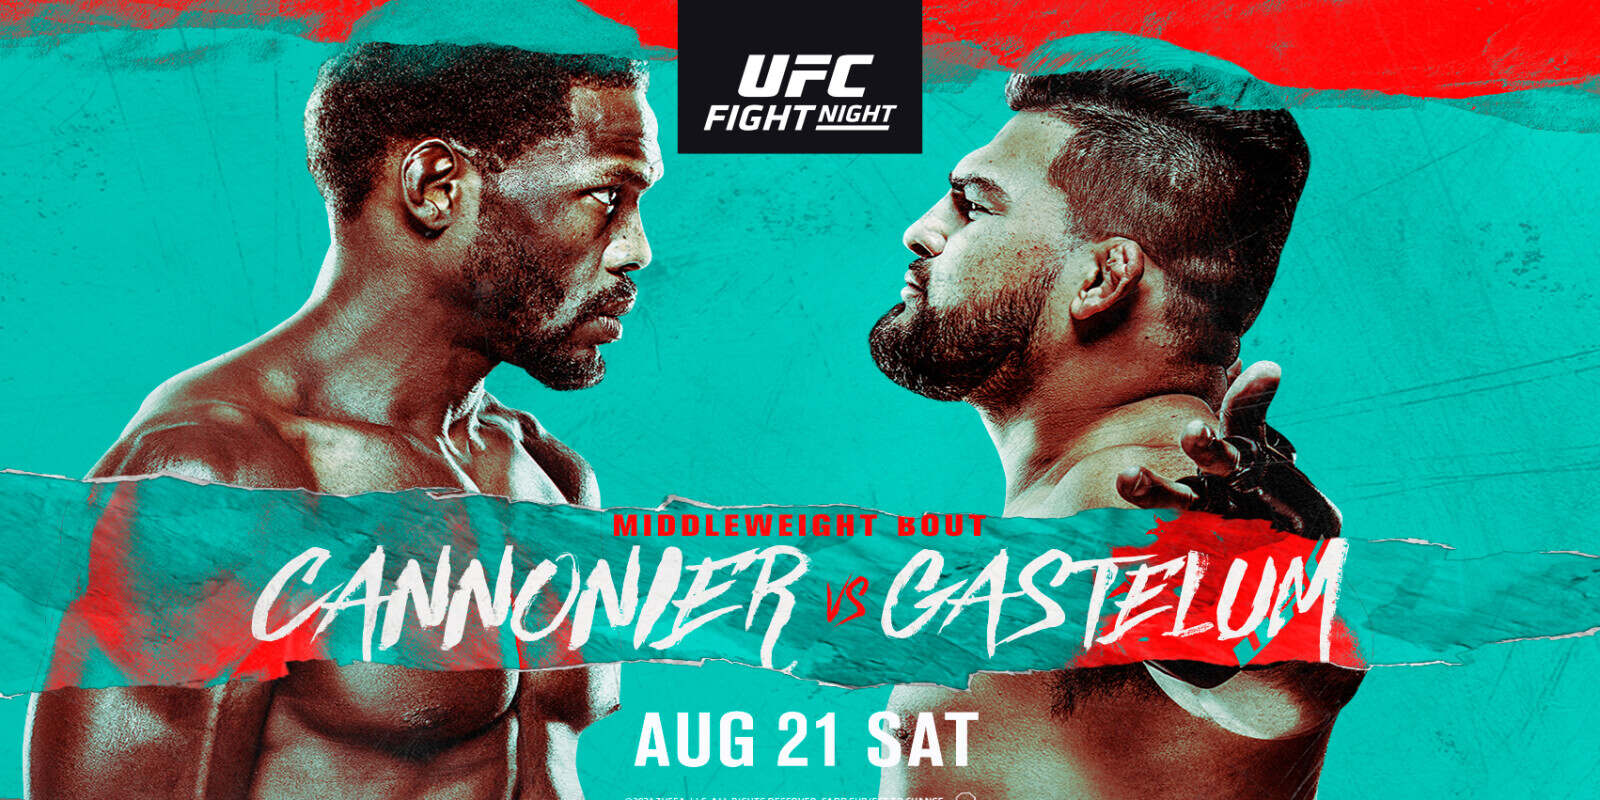 Watch UFC Fight Night: Cannonier vs. Gastelum 8/21/21